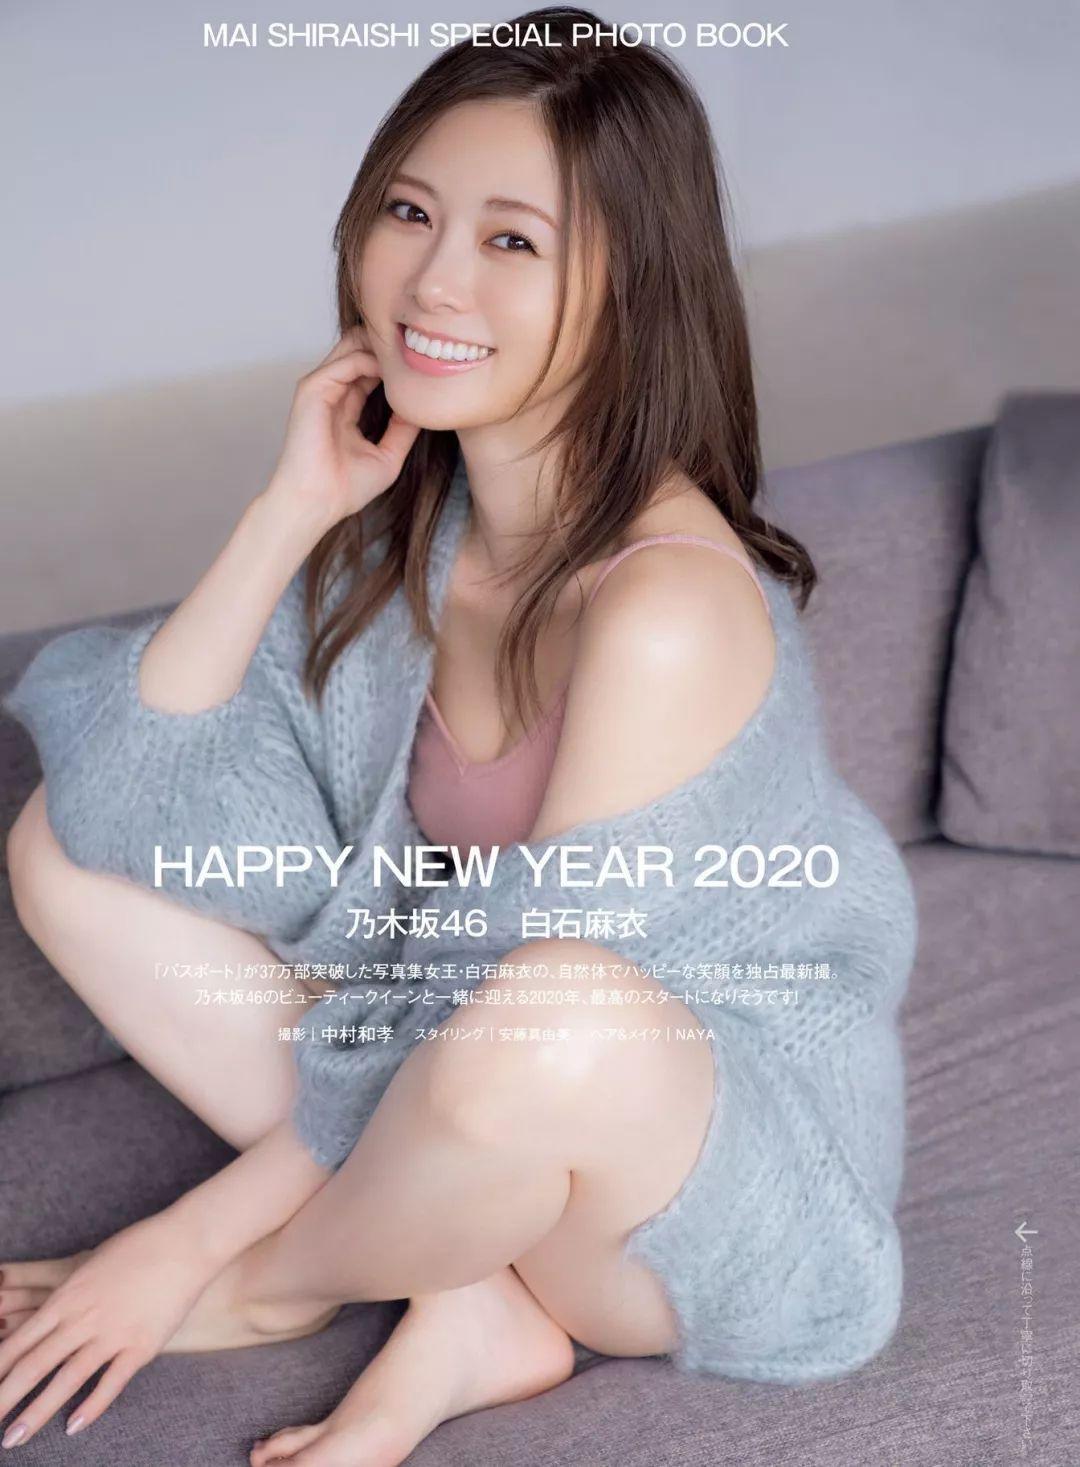 白石麻衣「HAPPY NEW YEAR 2020」-有意思吧